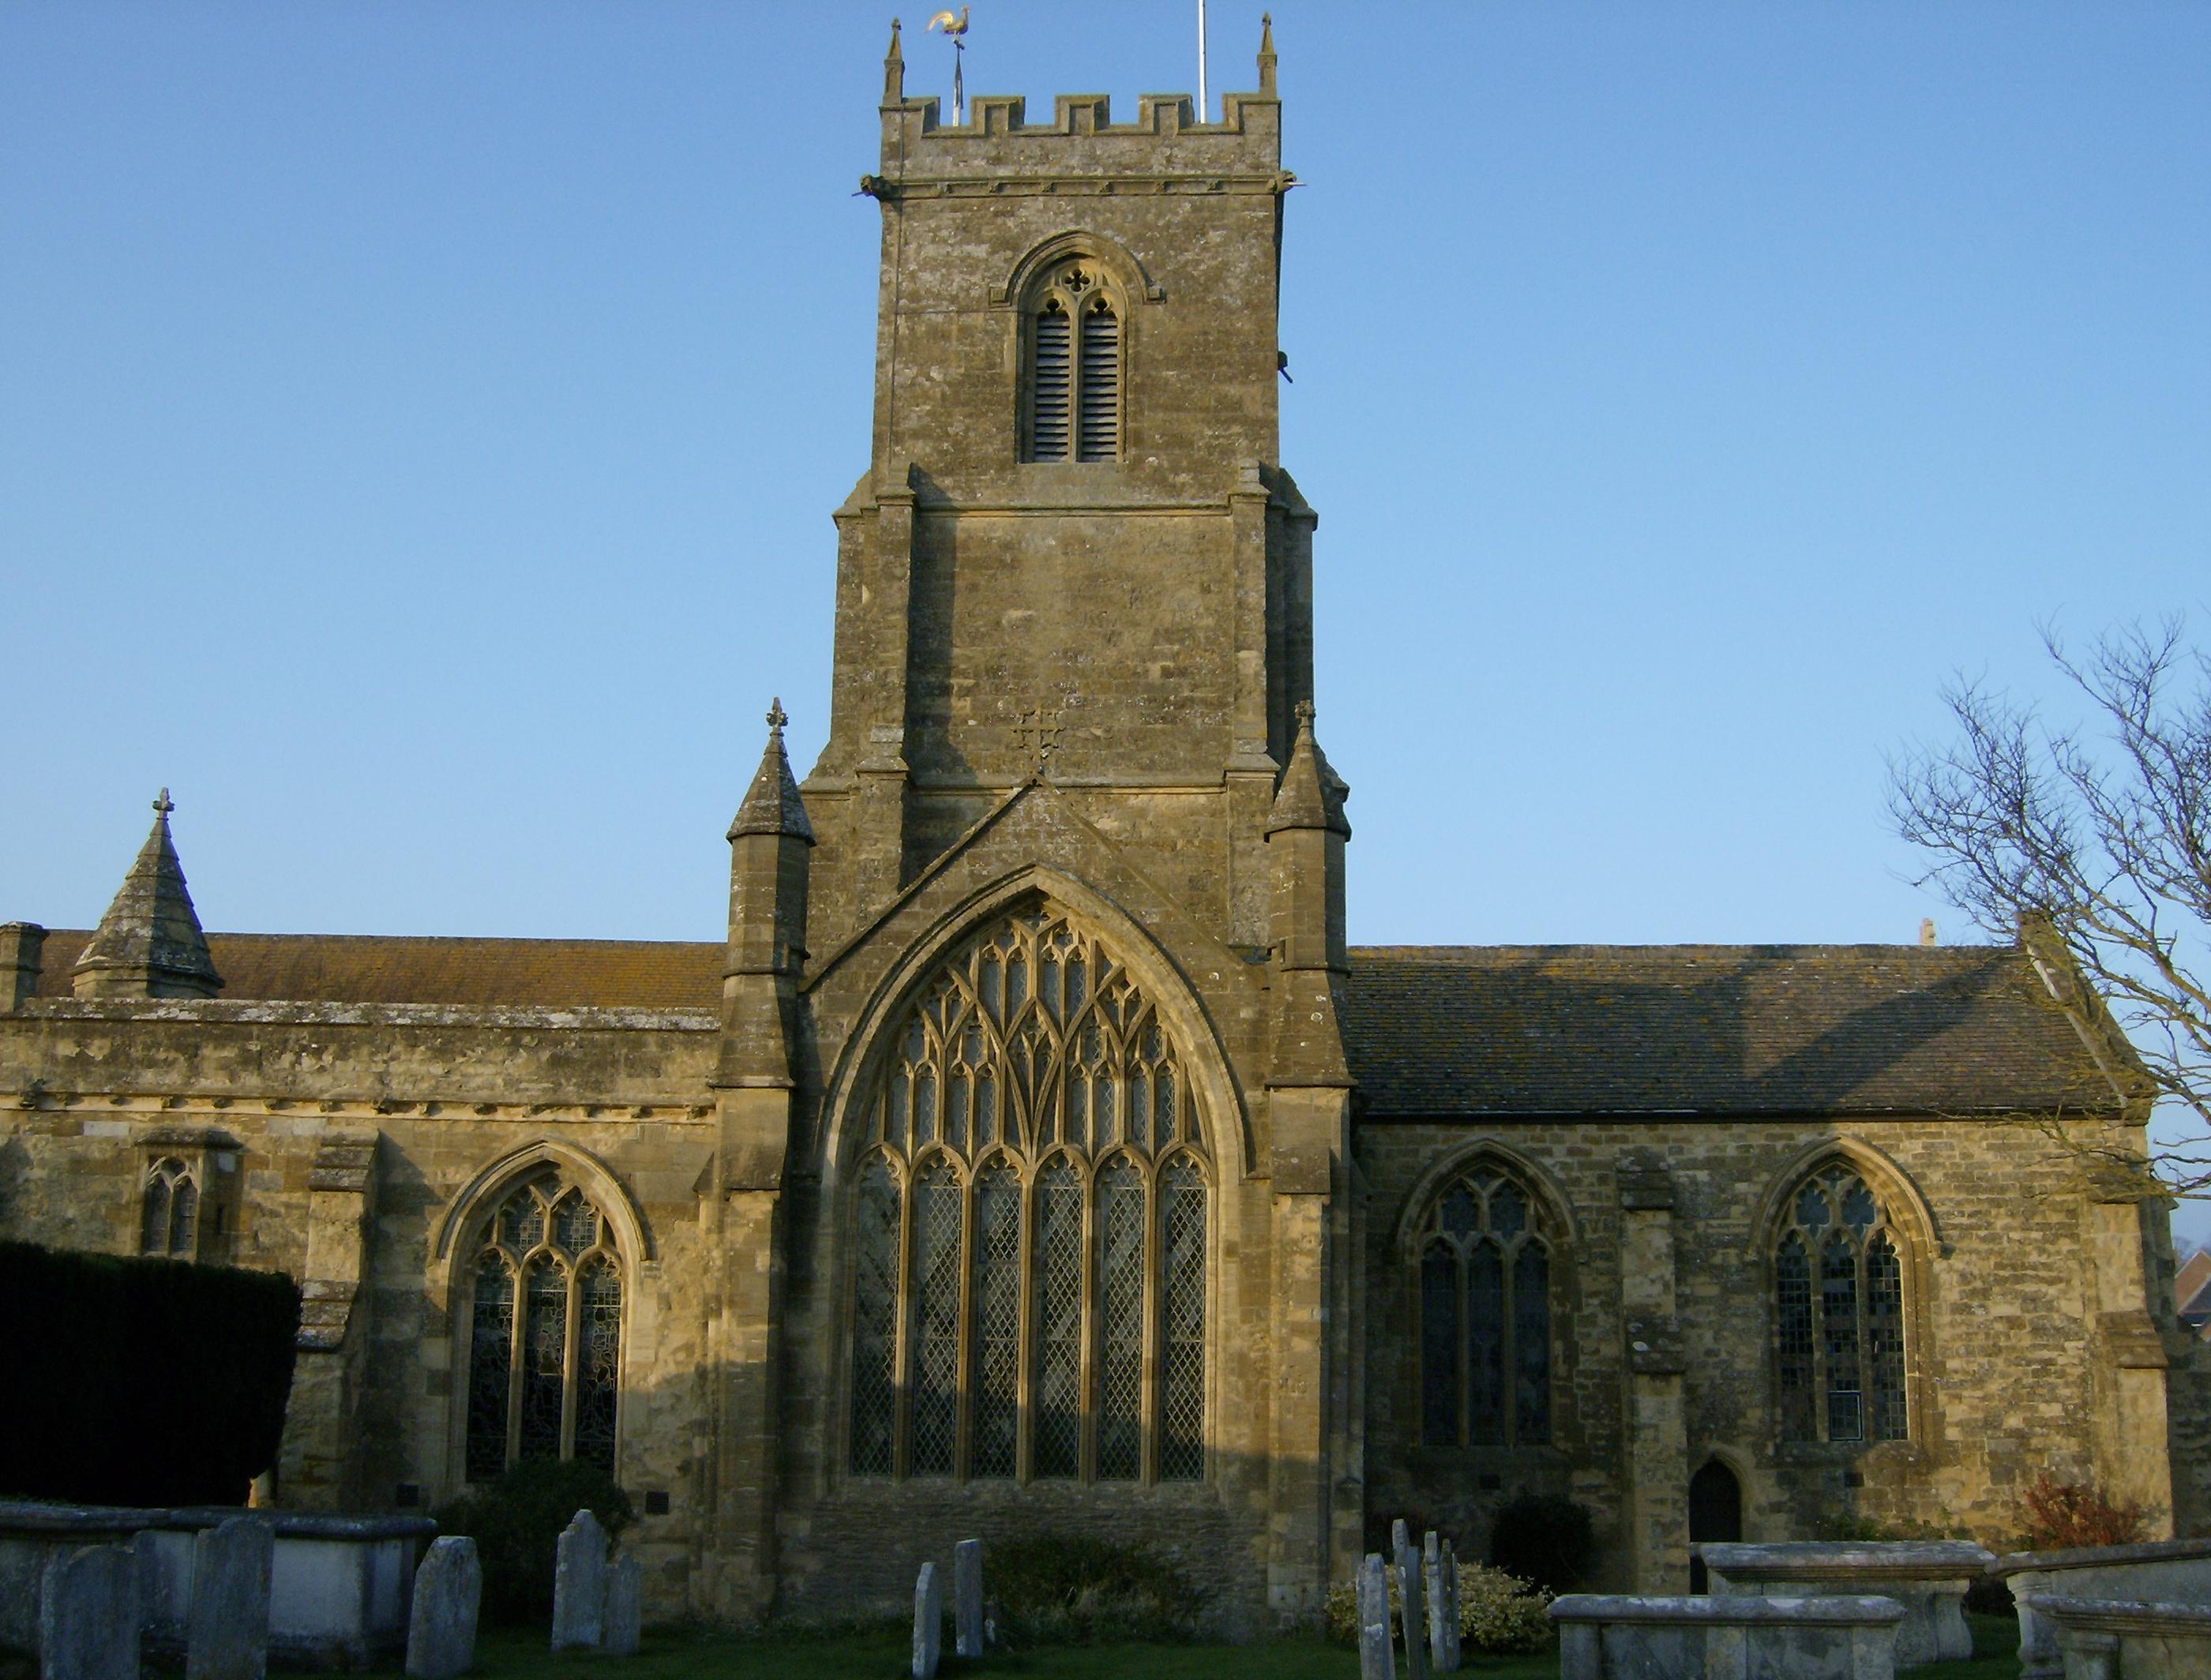 File:St Mary's Church Bridport.JPG - Wikimedia Commons